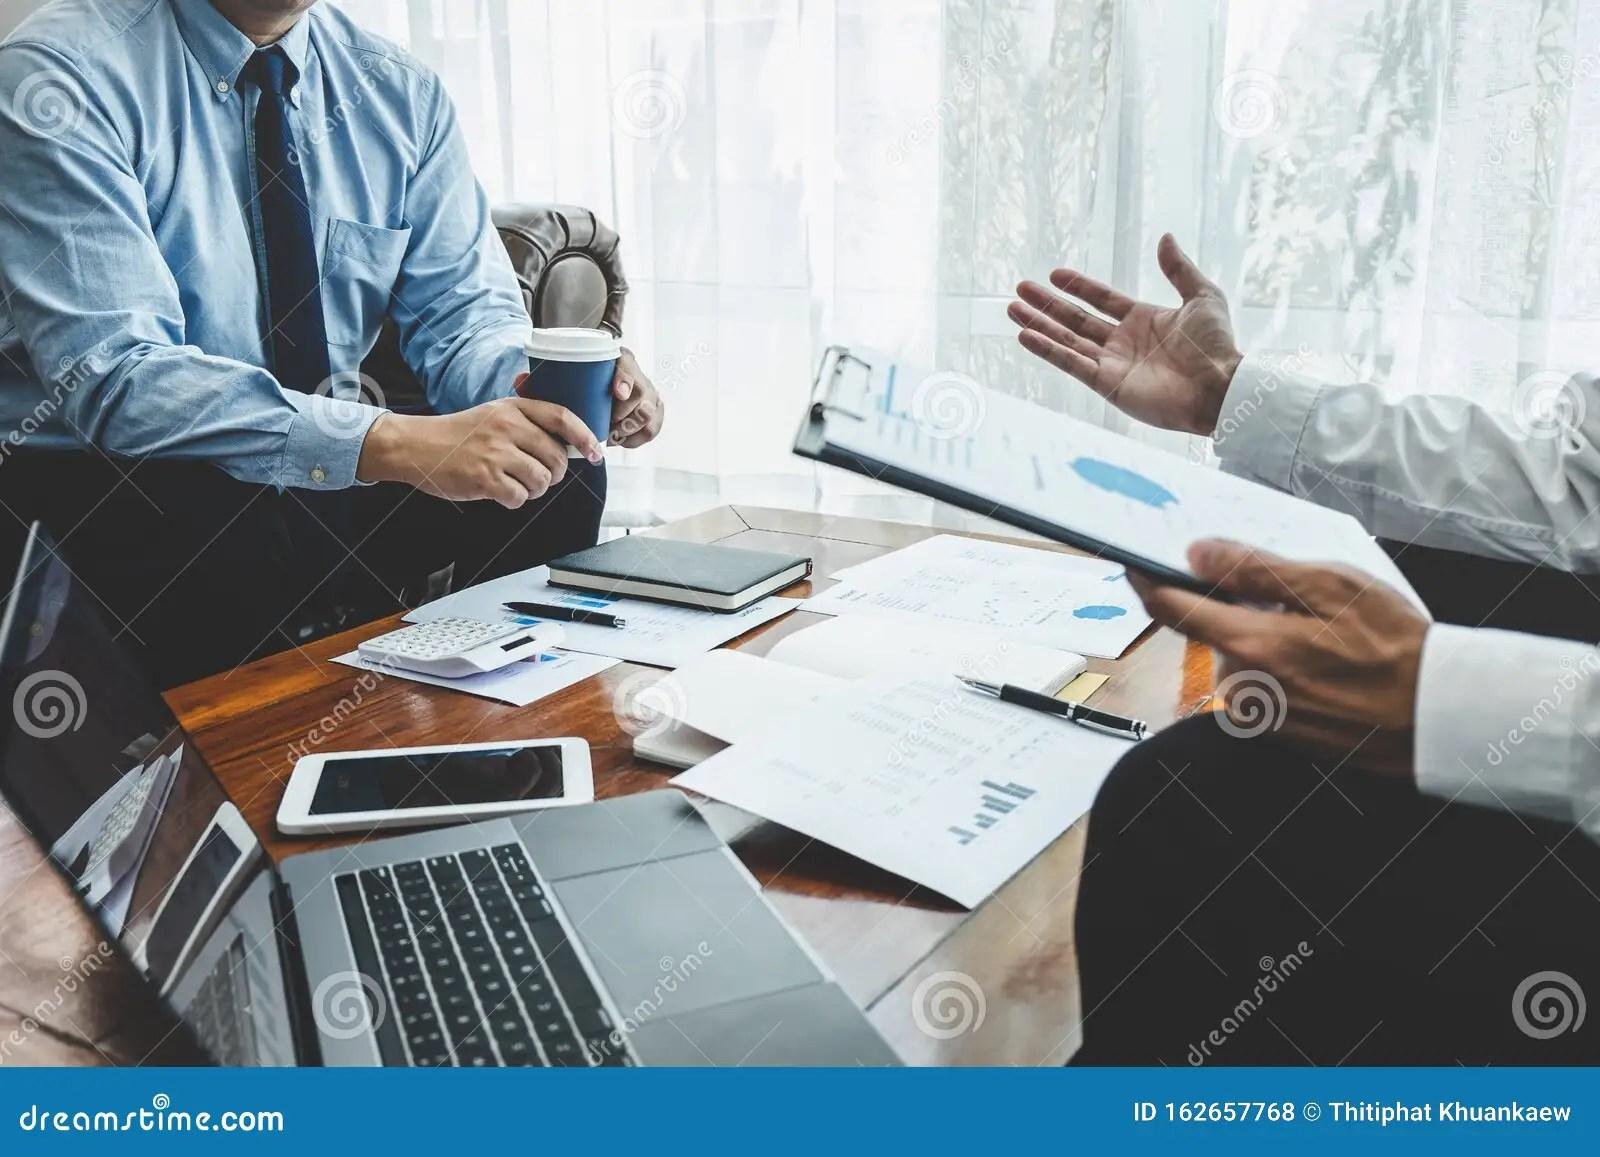 Business Team Partner On Meeting Brainstorming In